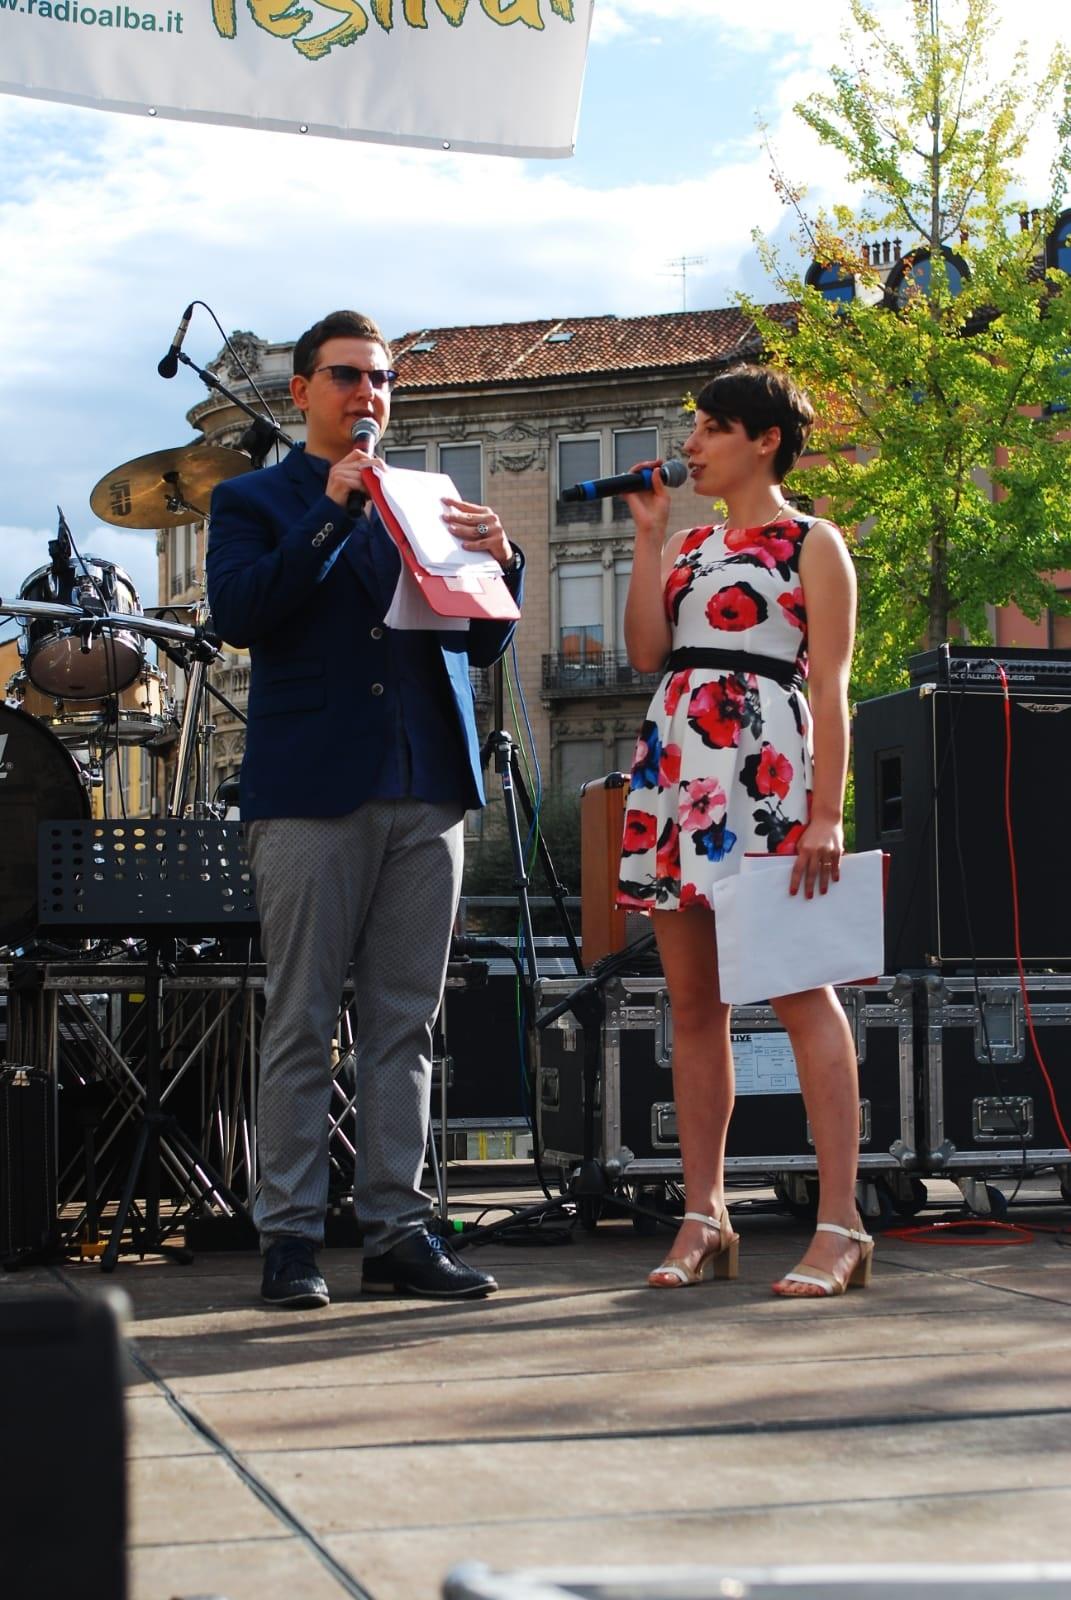 Radio Alba Festival Dieghito e Alessia ph.Daniele Tanzi Sappa